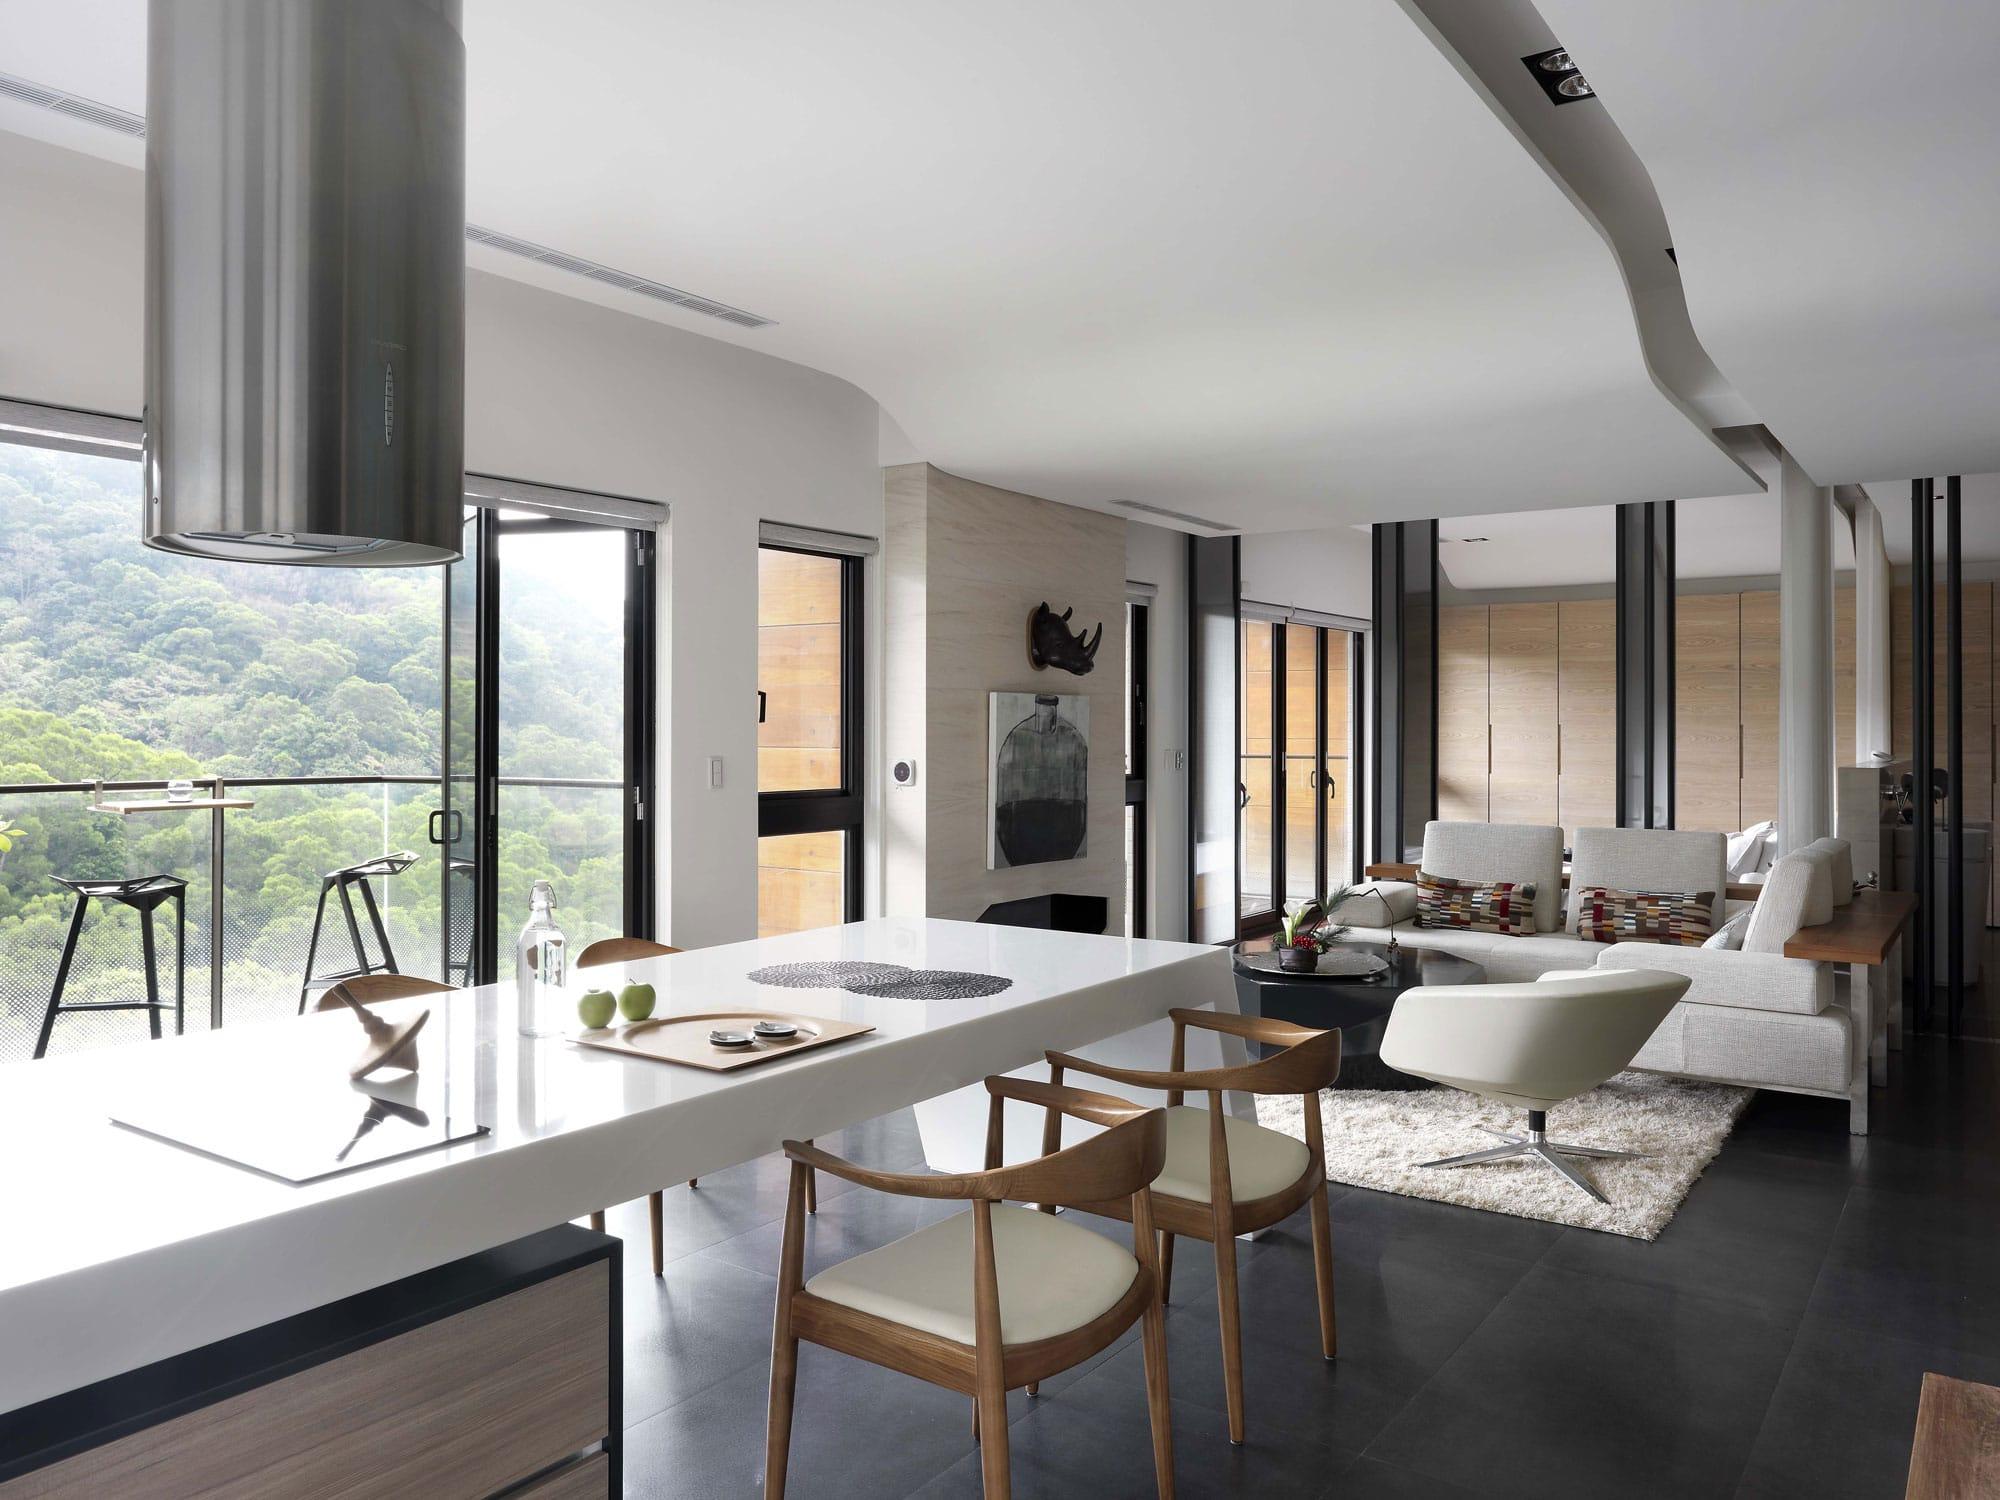 Modelos De Sala Comedor Pequeños : Diseño de comedor pequeño diseño de interiores comedor diseño de